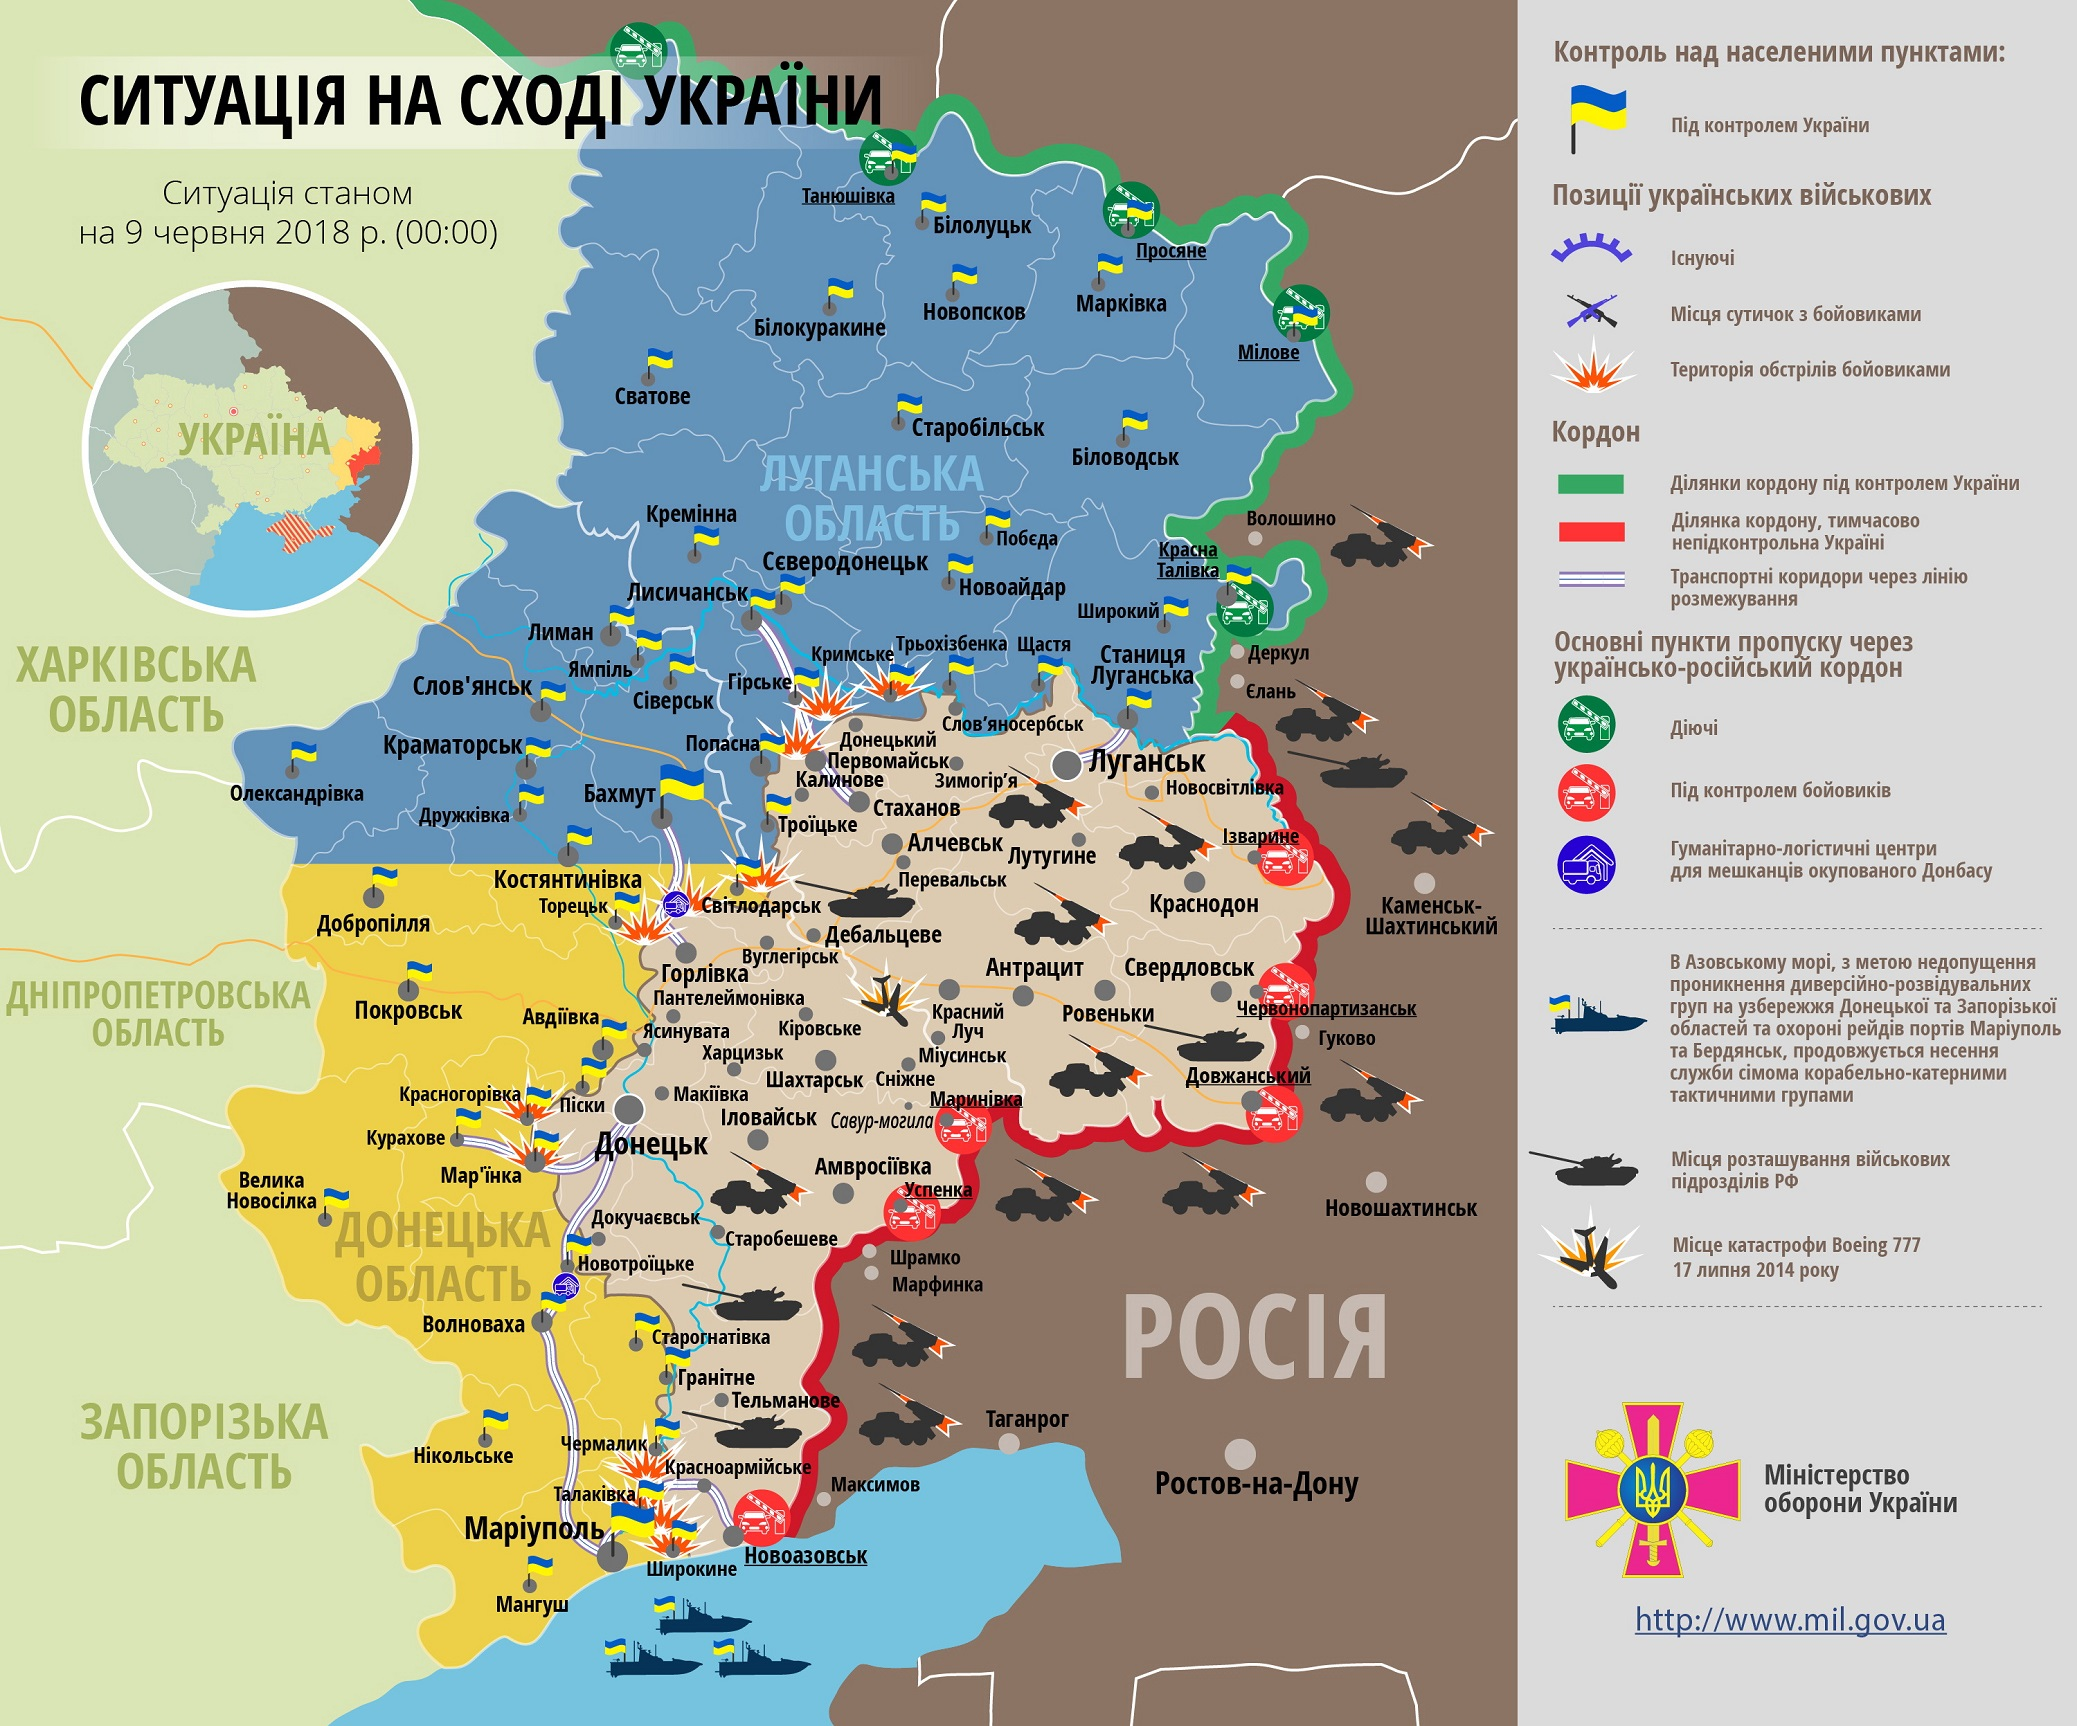 карта оос, ато, донбасс, лнр, днр, перемирие, оружие, зайцево, широкино,  водяное, террористы, армия украины, армия россии